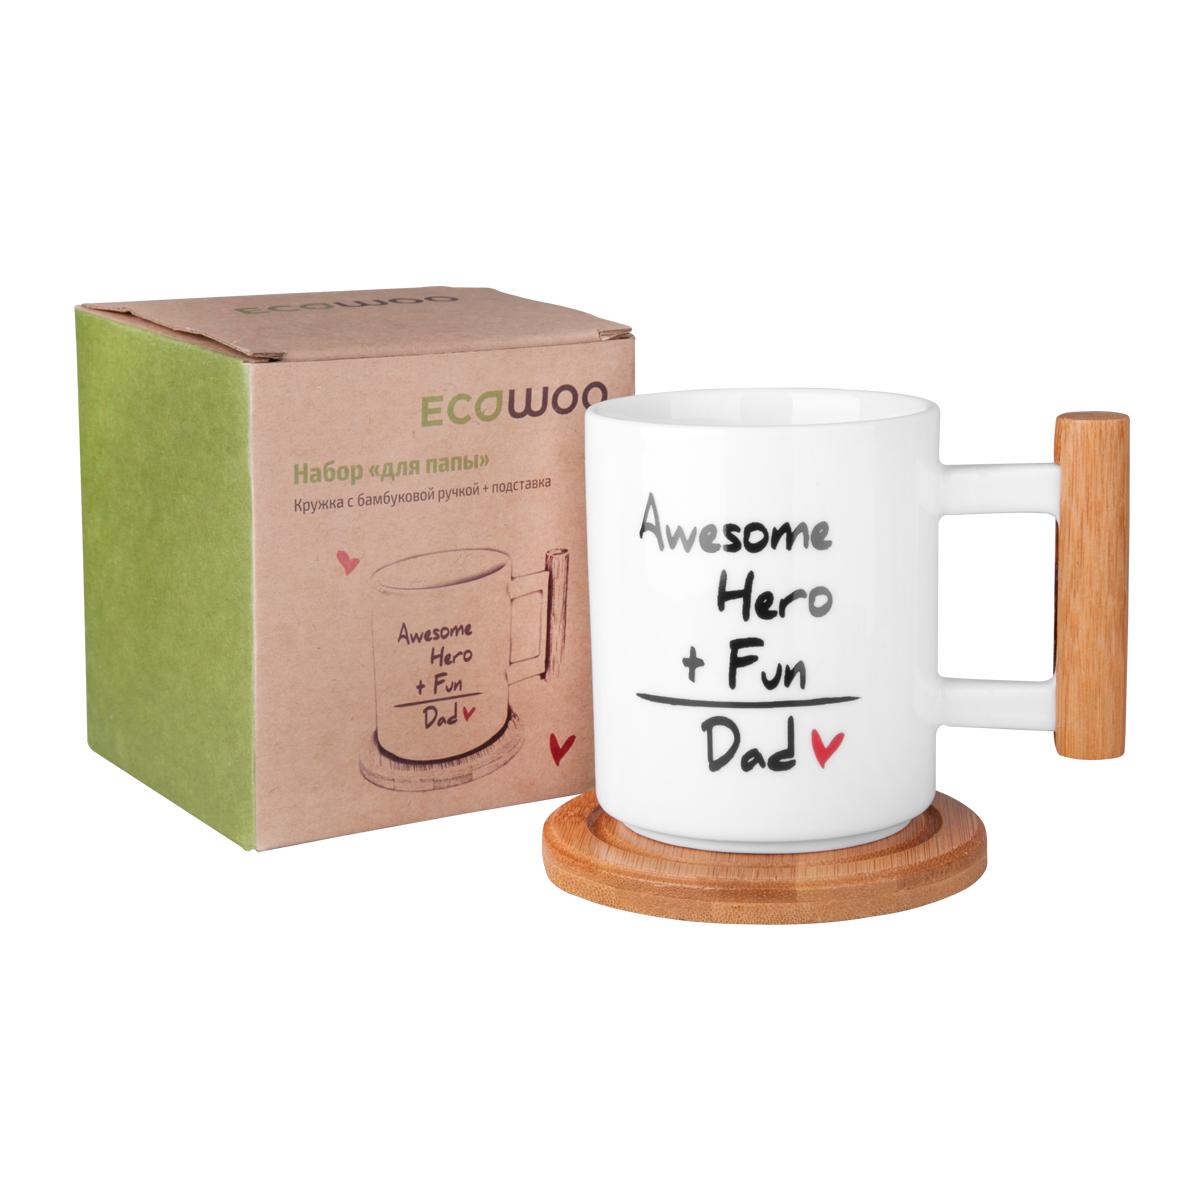 Набор EcoWoo Для папы: кружка с бамбуковой ручкой, подставка2012229UКружка для Лучшего, Героичного, Смешного Папы на свете AWESOME HERO + FUN - DAD от EcoWoo - это подарок не только ДЛЯ Папы, но и Папы самому себе! Home is where your Dad is - Дом там, где Папа. Ведь процесс воспитания нового поколения - это увлекательнейший процесс, и внести немного fun - это один из шагов. Кружка 280 мл. Материал: фарфор, бамбук. Упаковка: ПВХ-коробка в крафт-основе. Цвет: белый. Не рекомендуется использовать в посудомоечной машине.